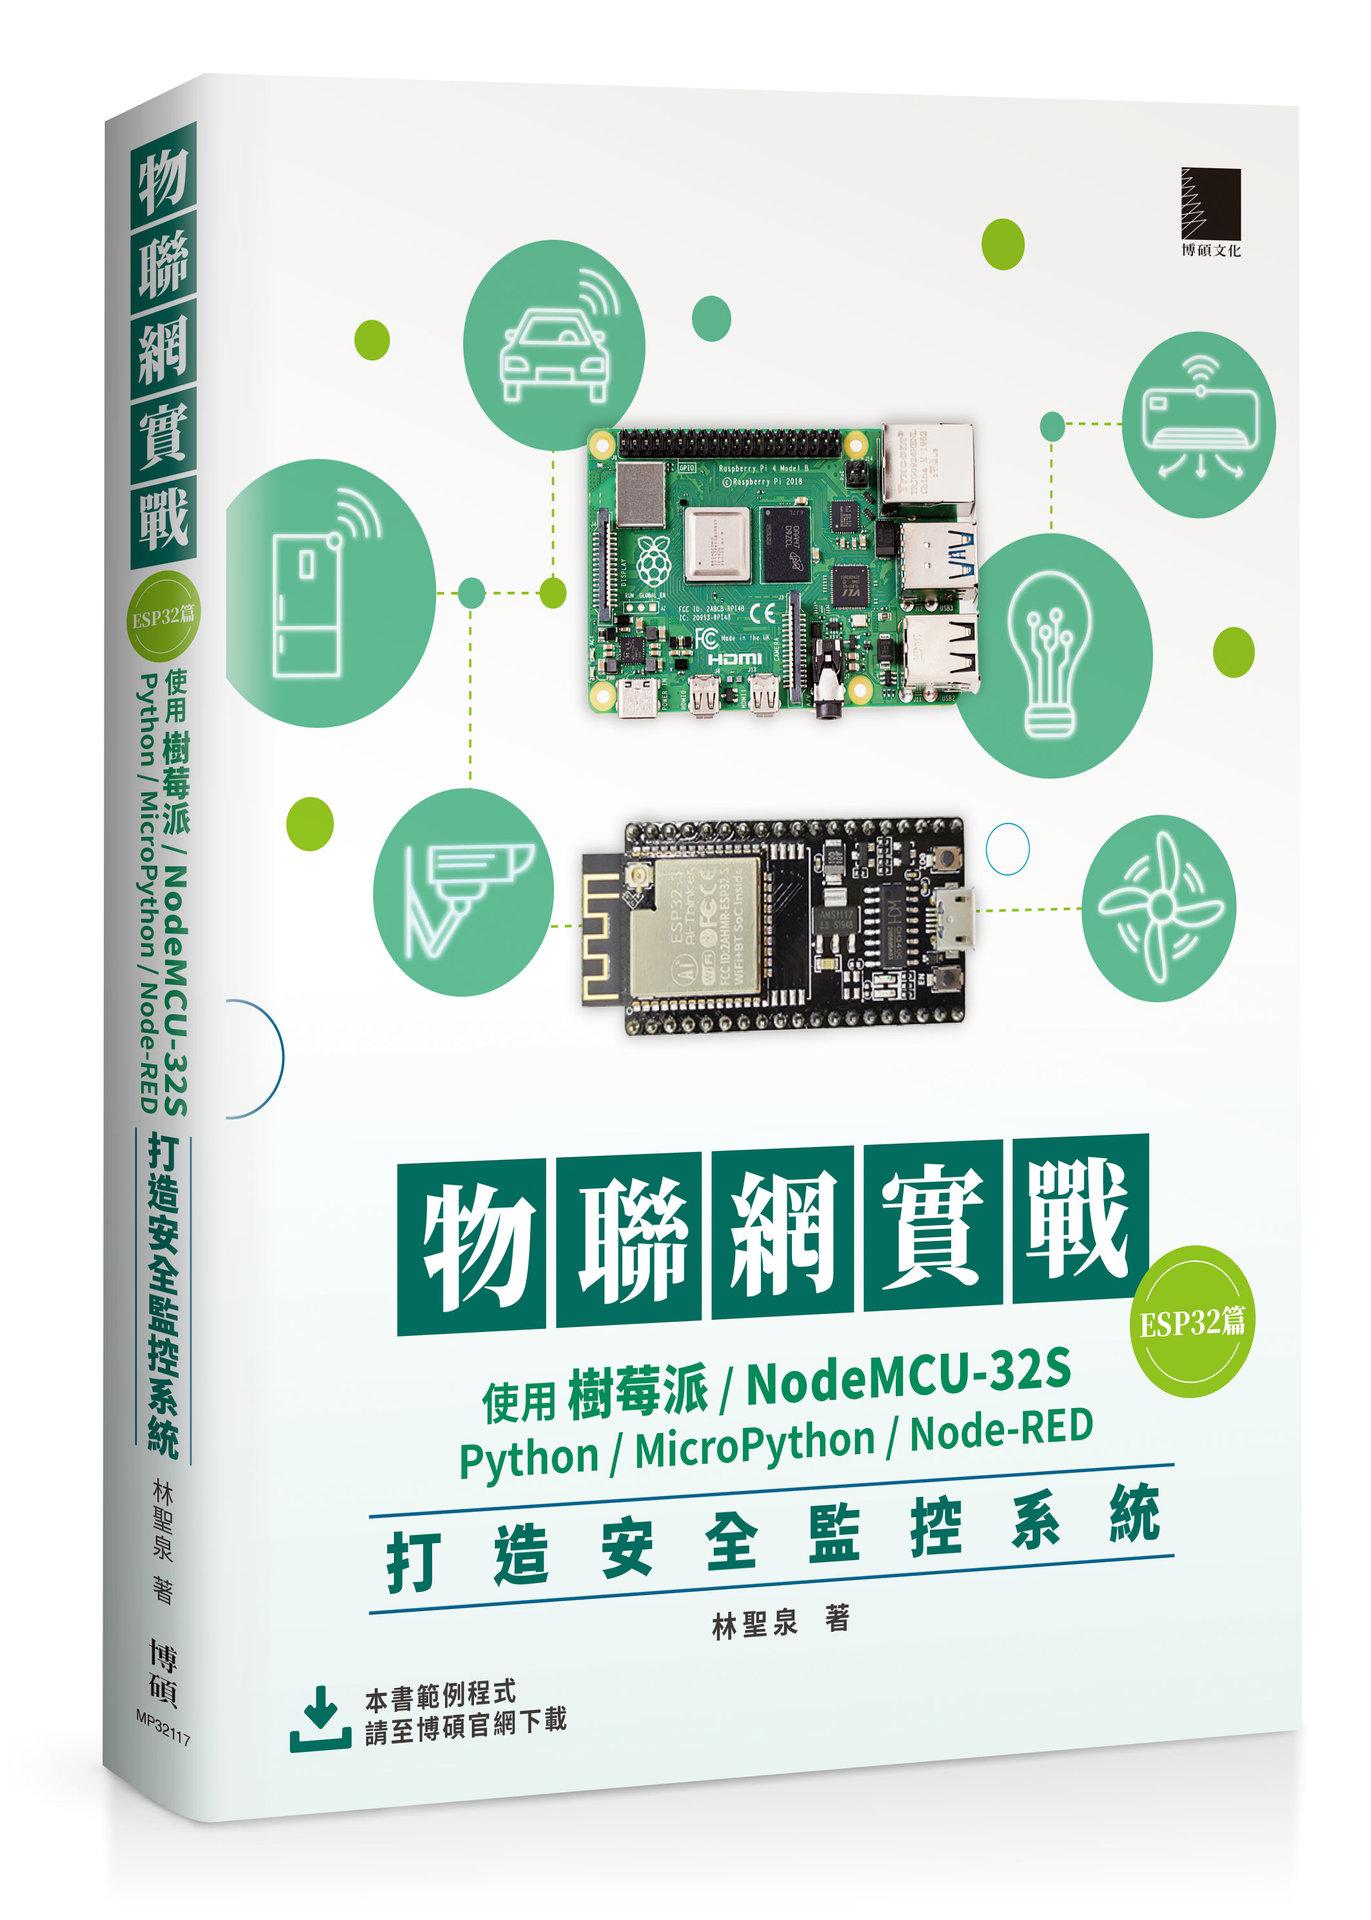 物聯網實戰(ESP32篇): 使用樹莓派/NodeMCU-32S/Python/MicroPython/Node-RED打造安全監控系統-preview-1